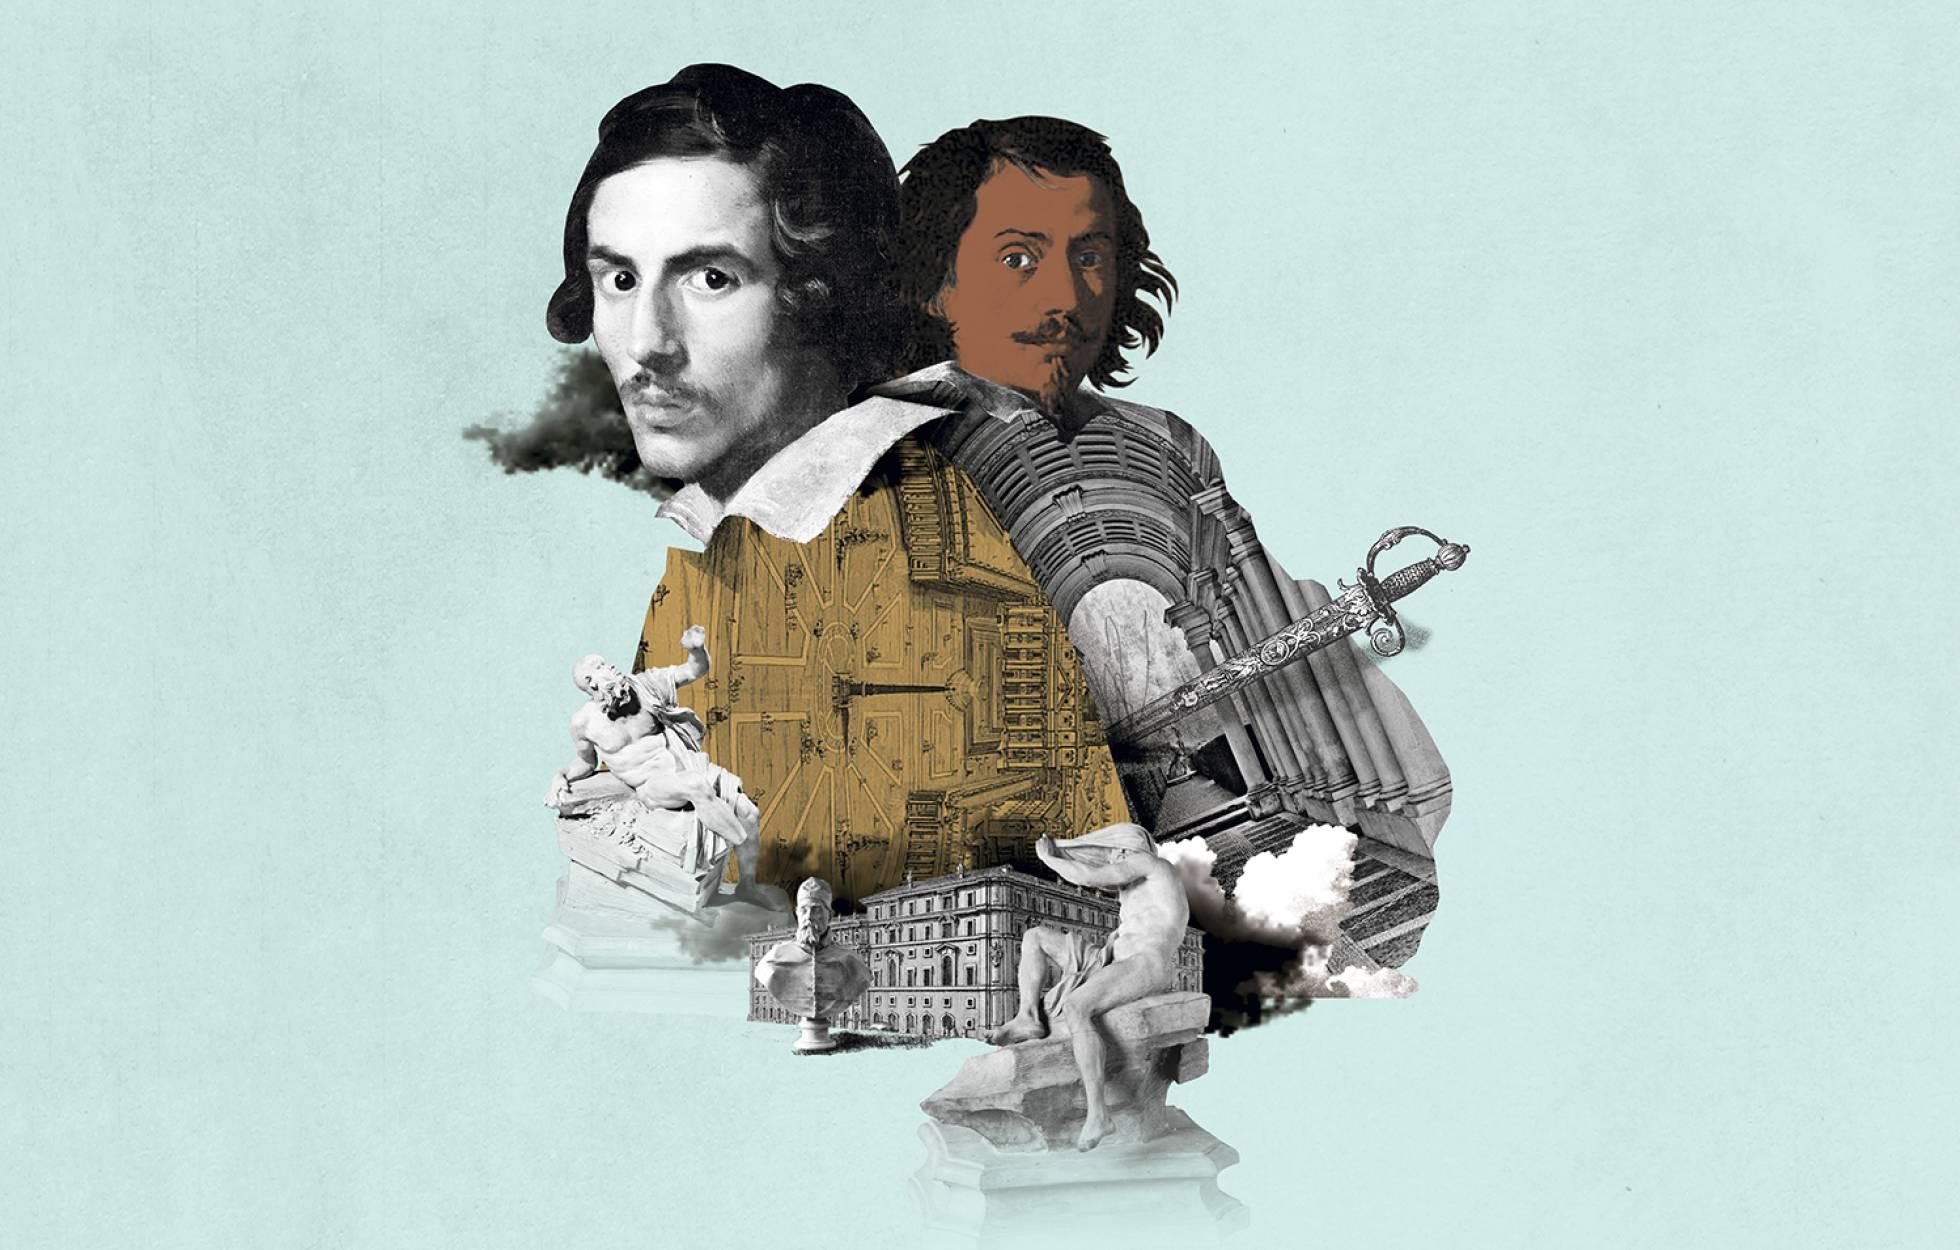 El odio entre arquitectos que acabó inventando el barroco | imagen del diario El País.